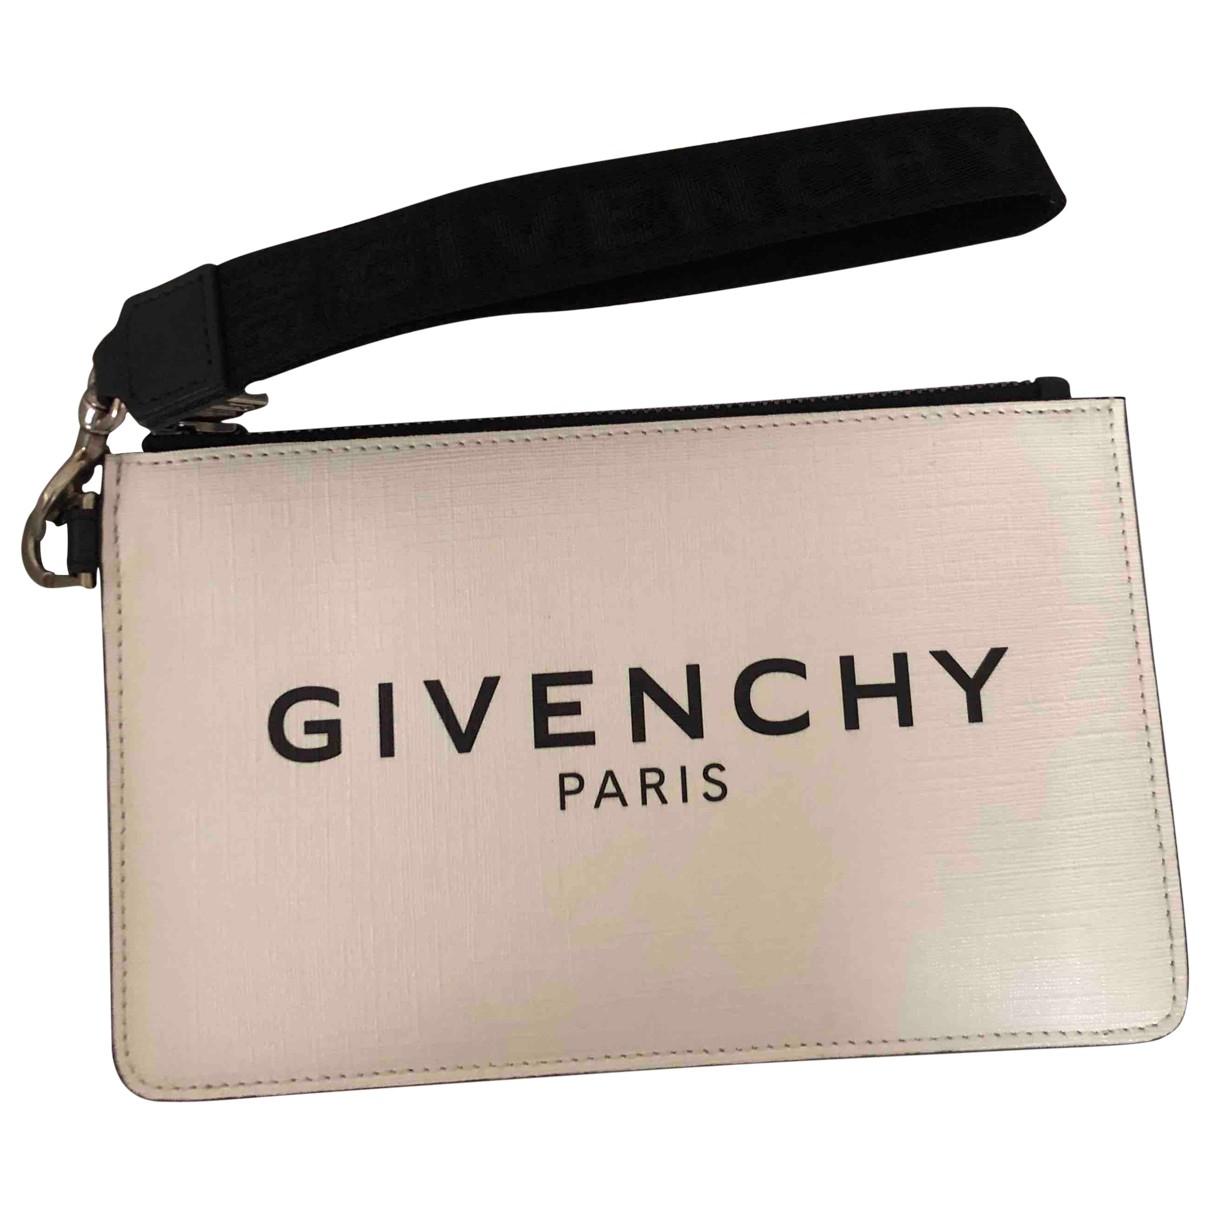 Givenchy \N Kleinlederwaren in  Weiss Leder